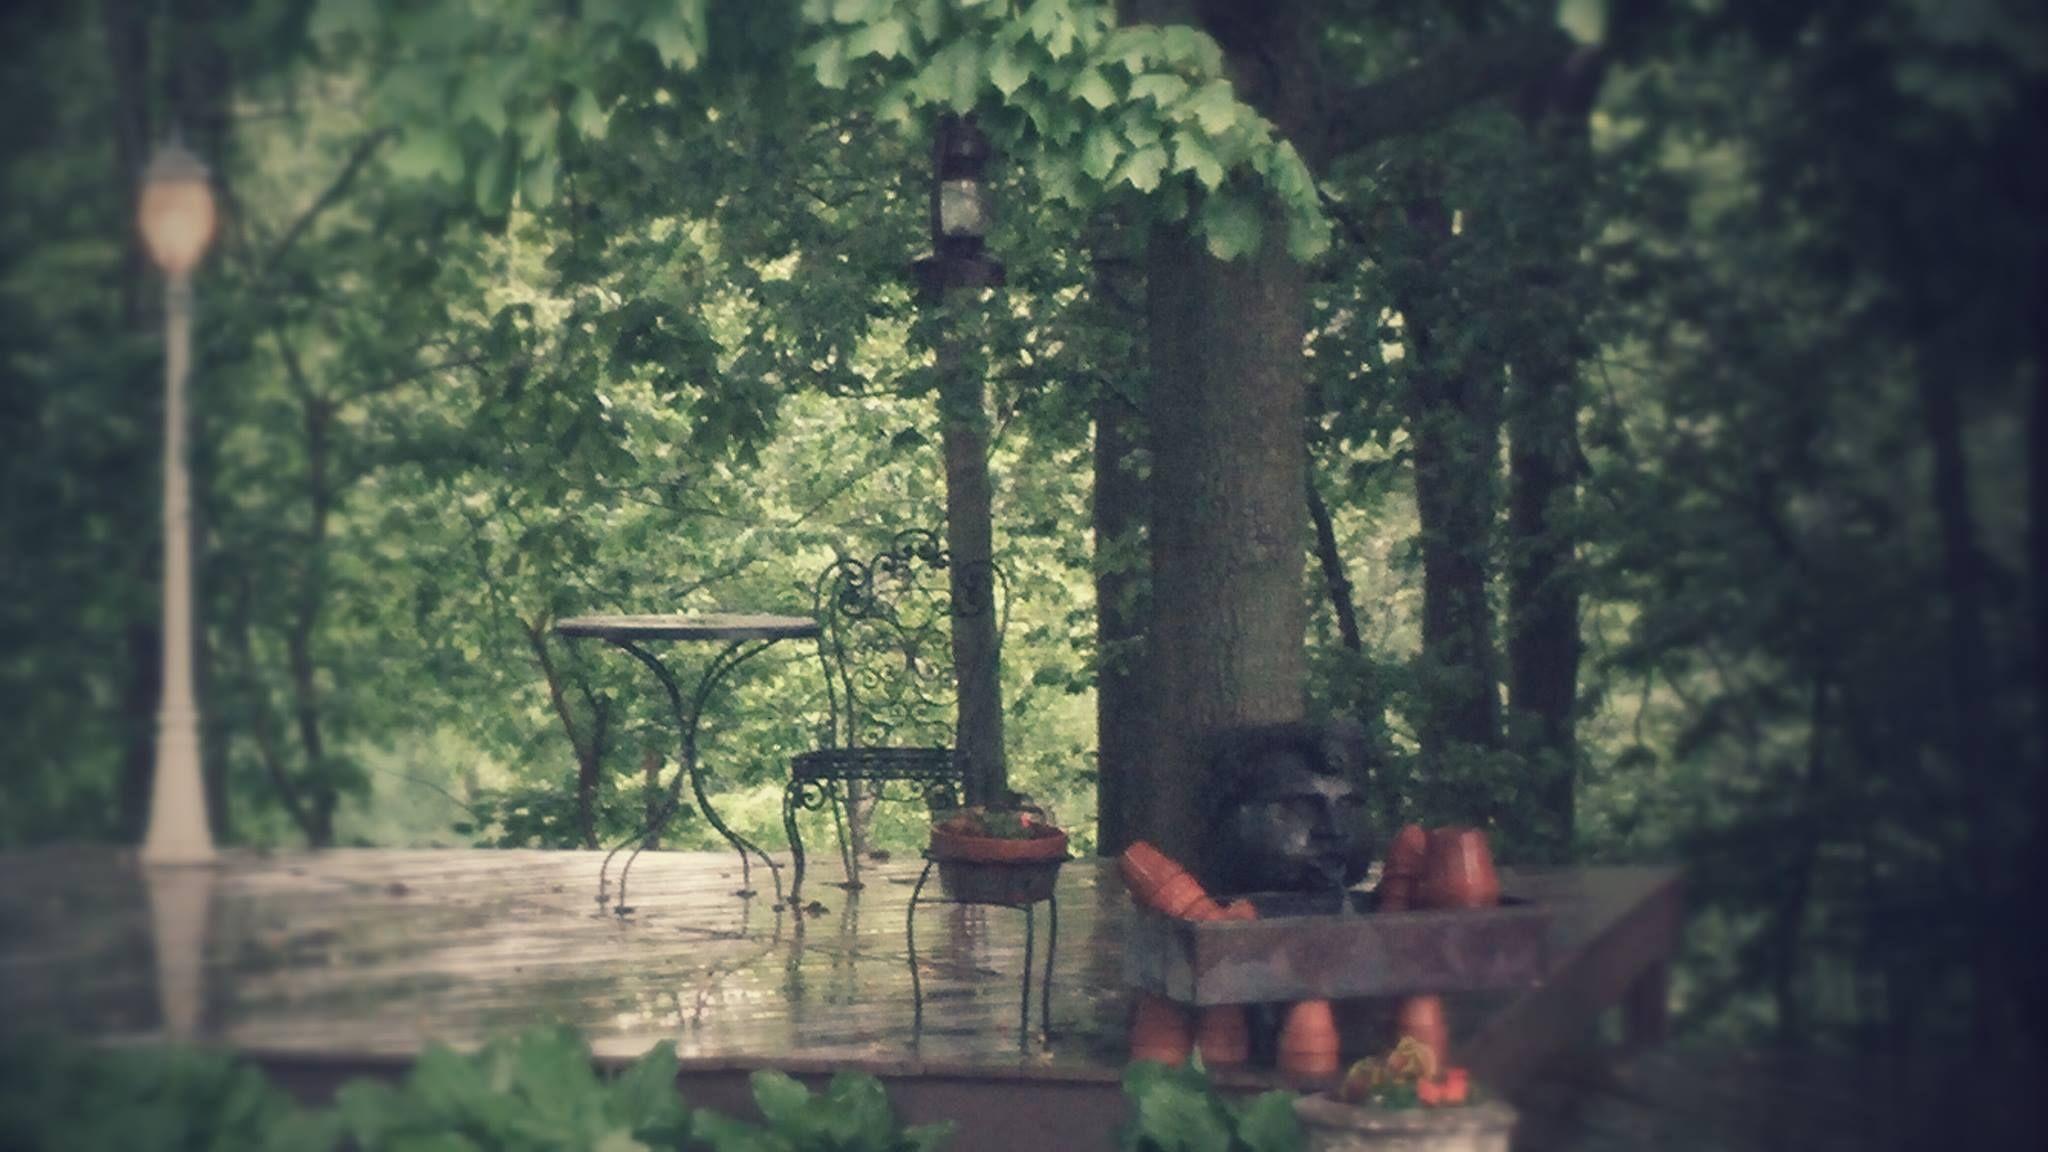 Rainy Sunday morning at Urban Barn.   #backyardatTheBarn   #birdsarehappy